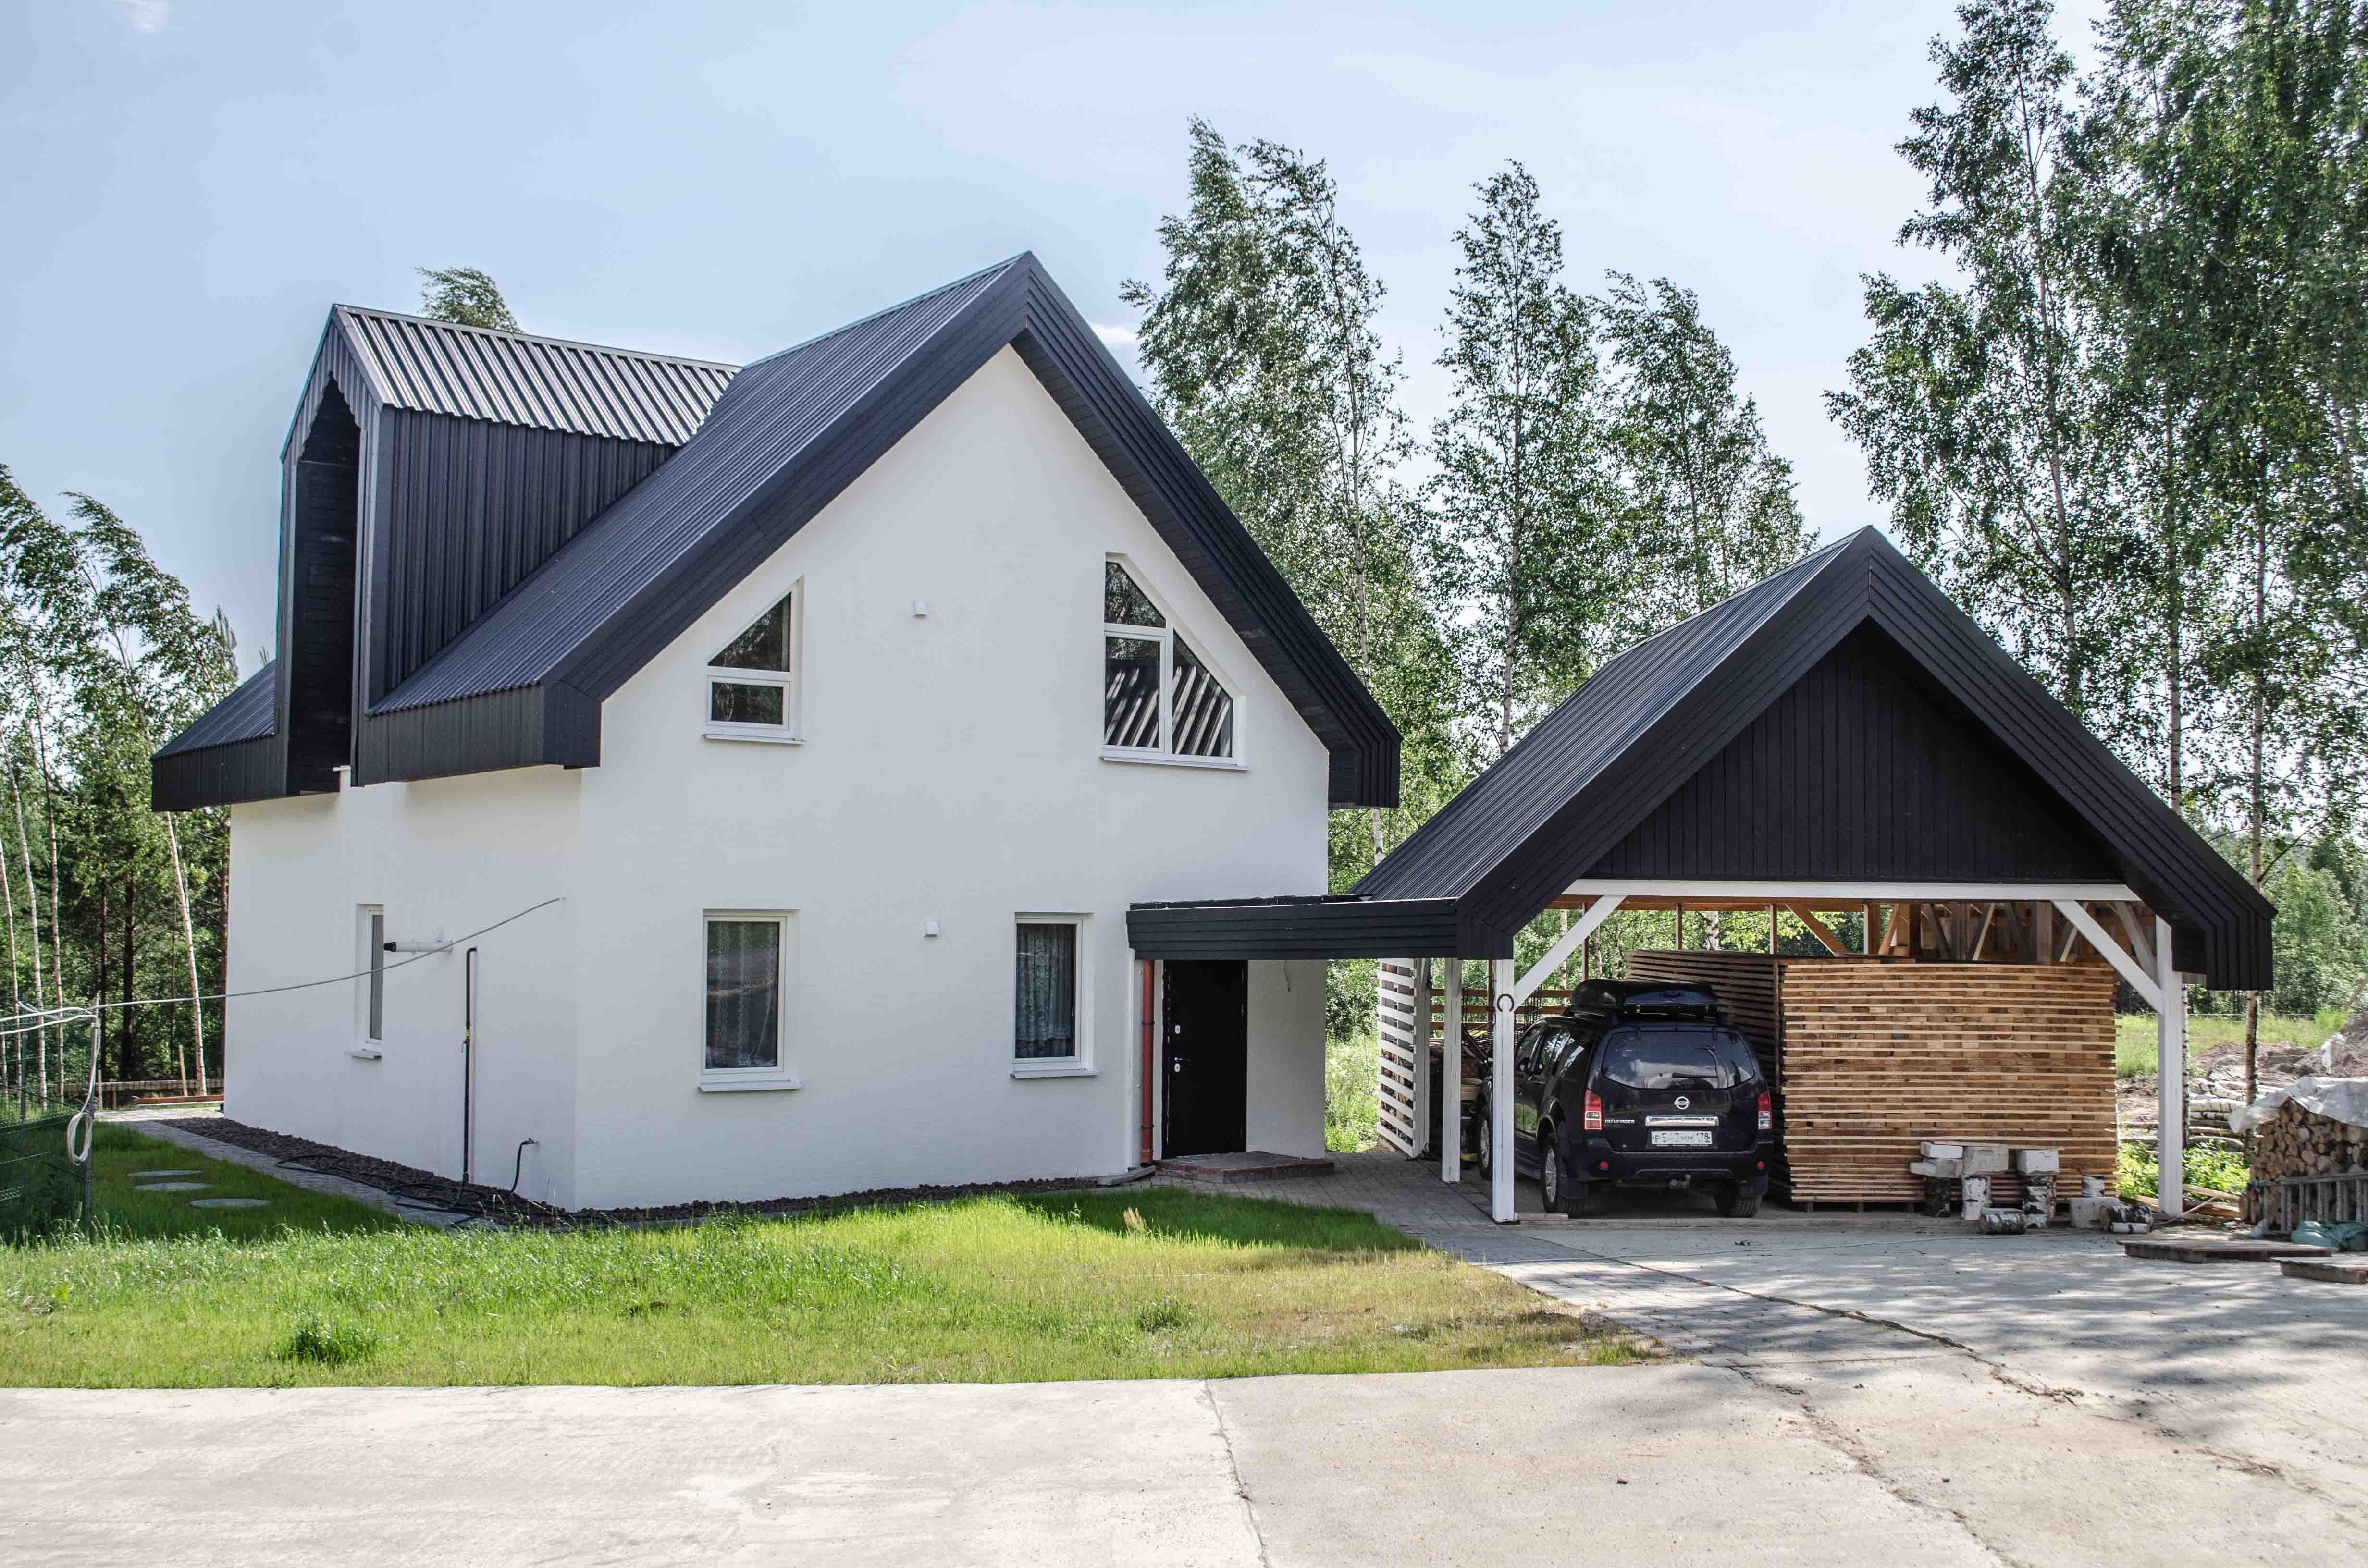 Дом с навесом 3 (1)